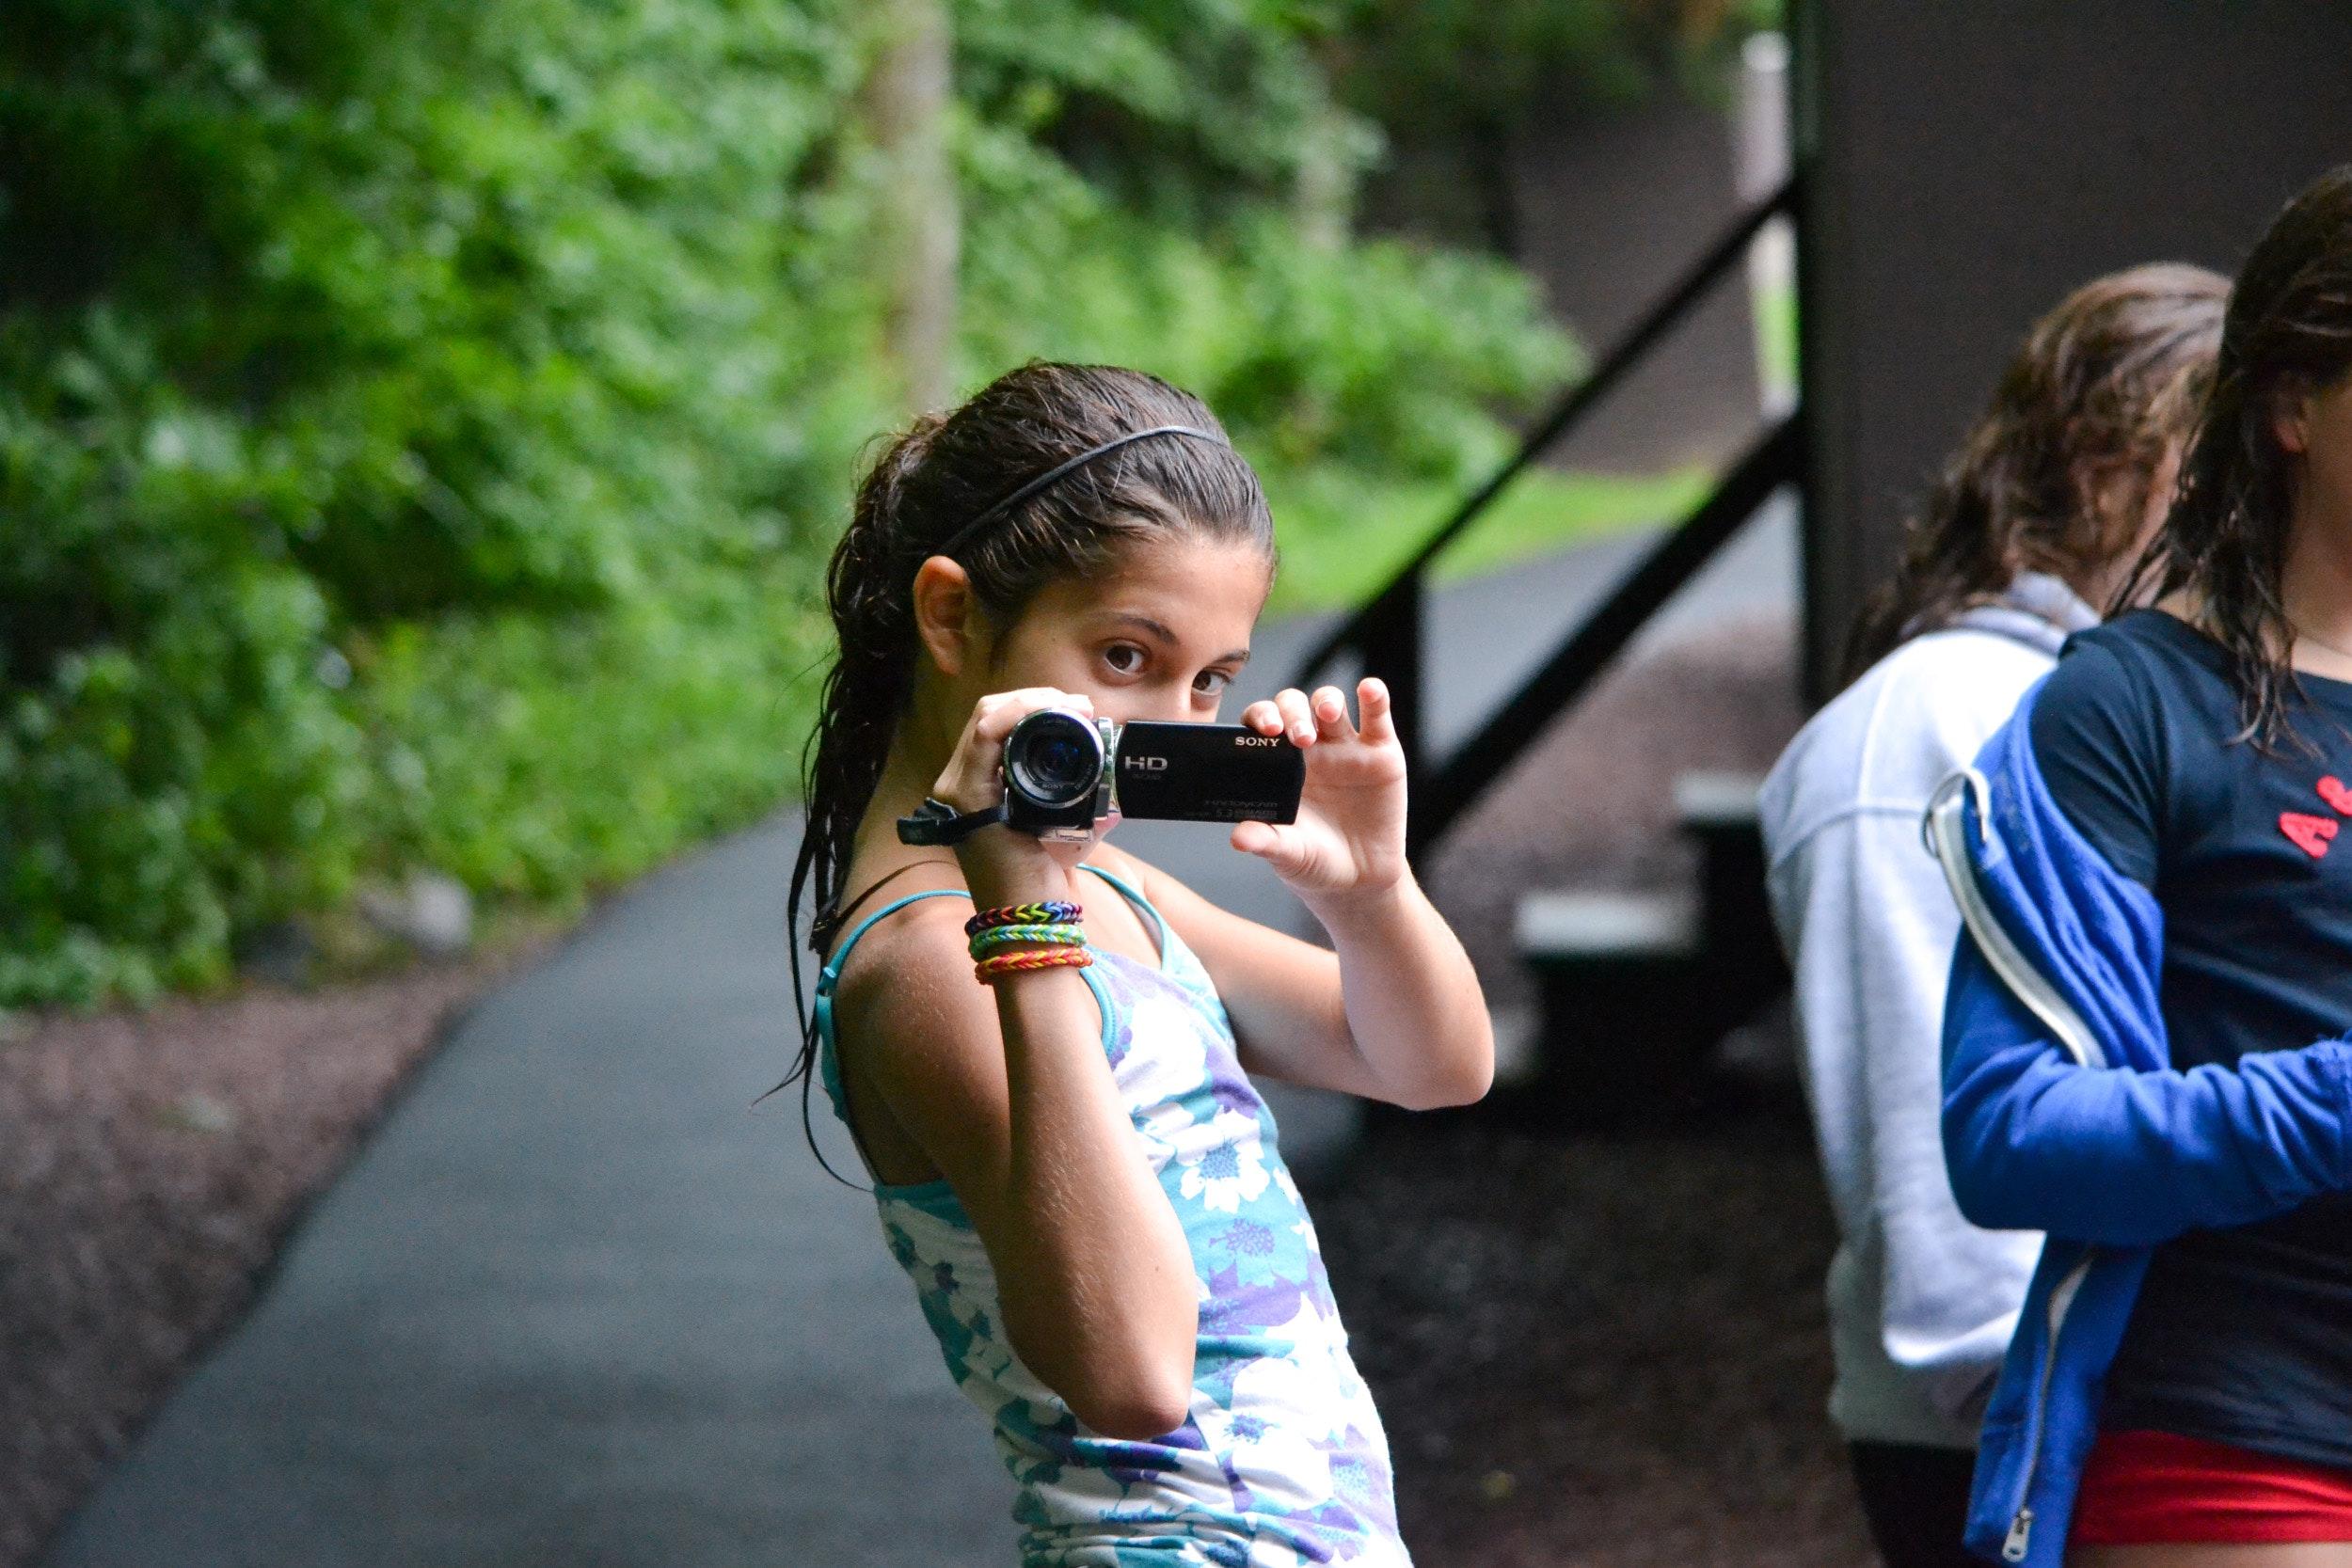 Deerkill day camp video gallery.jpg?ixlib=rails 2.1